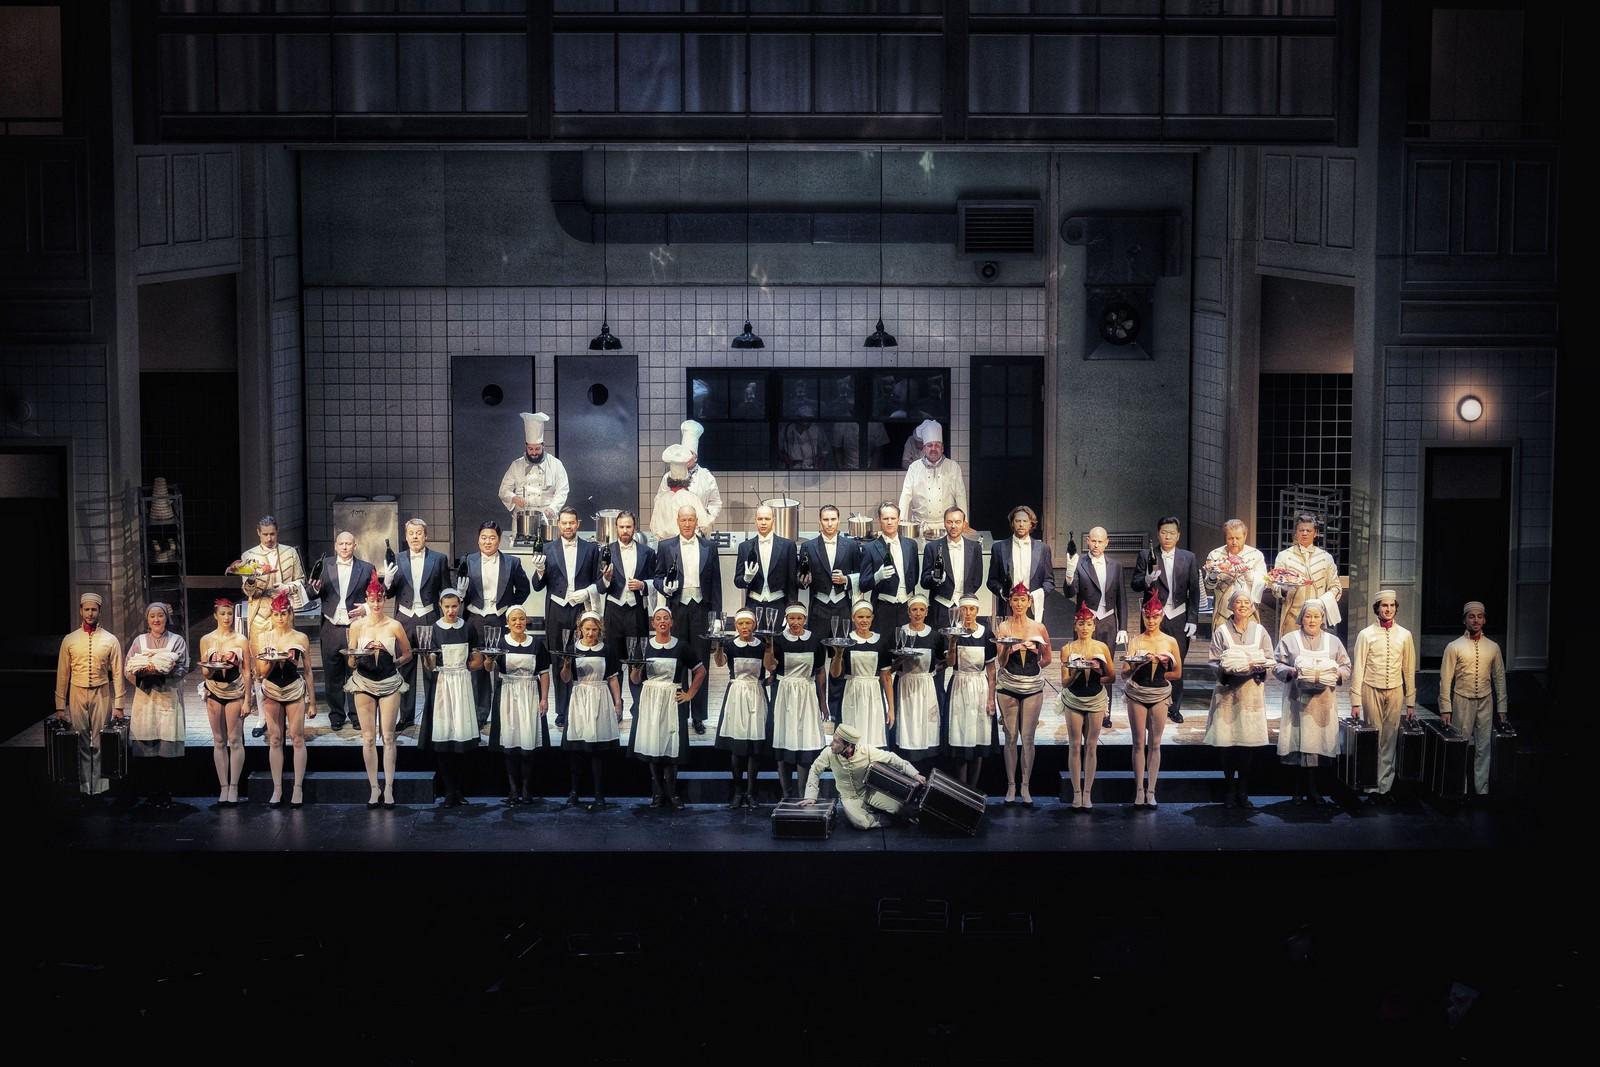 Anmeldelse: Flagermusen, Det Kongelige Teater